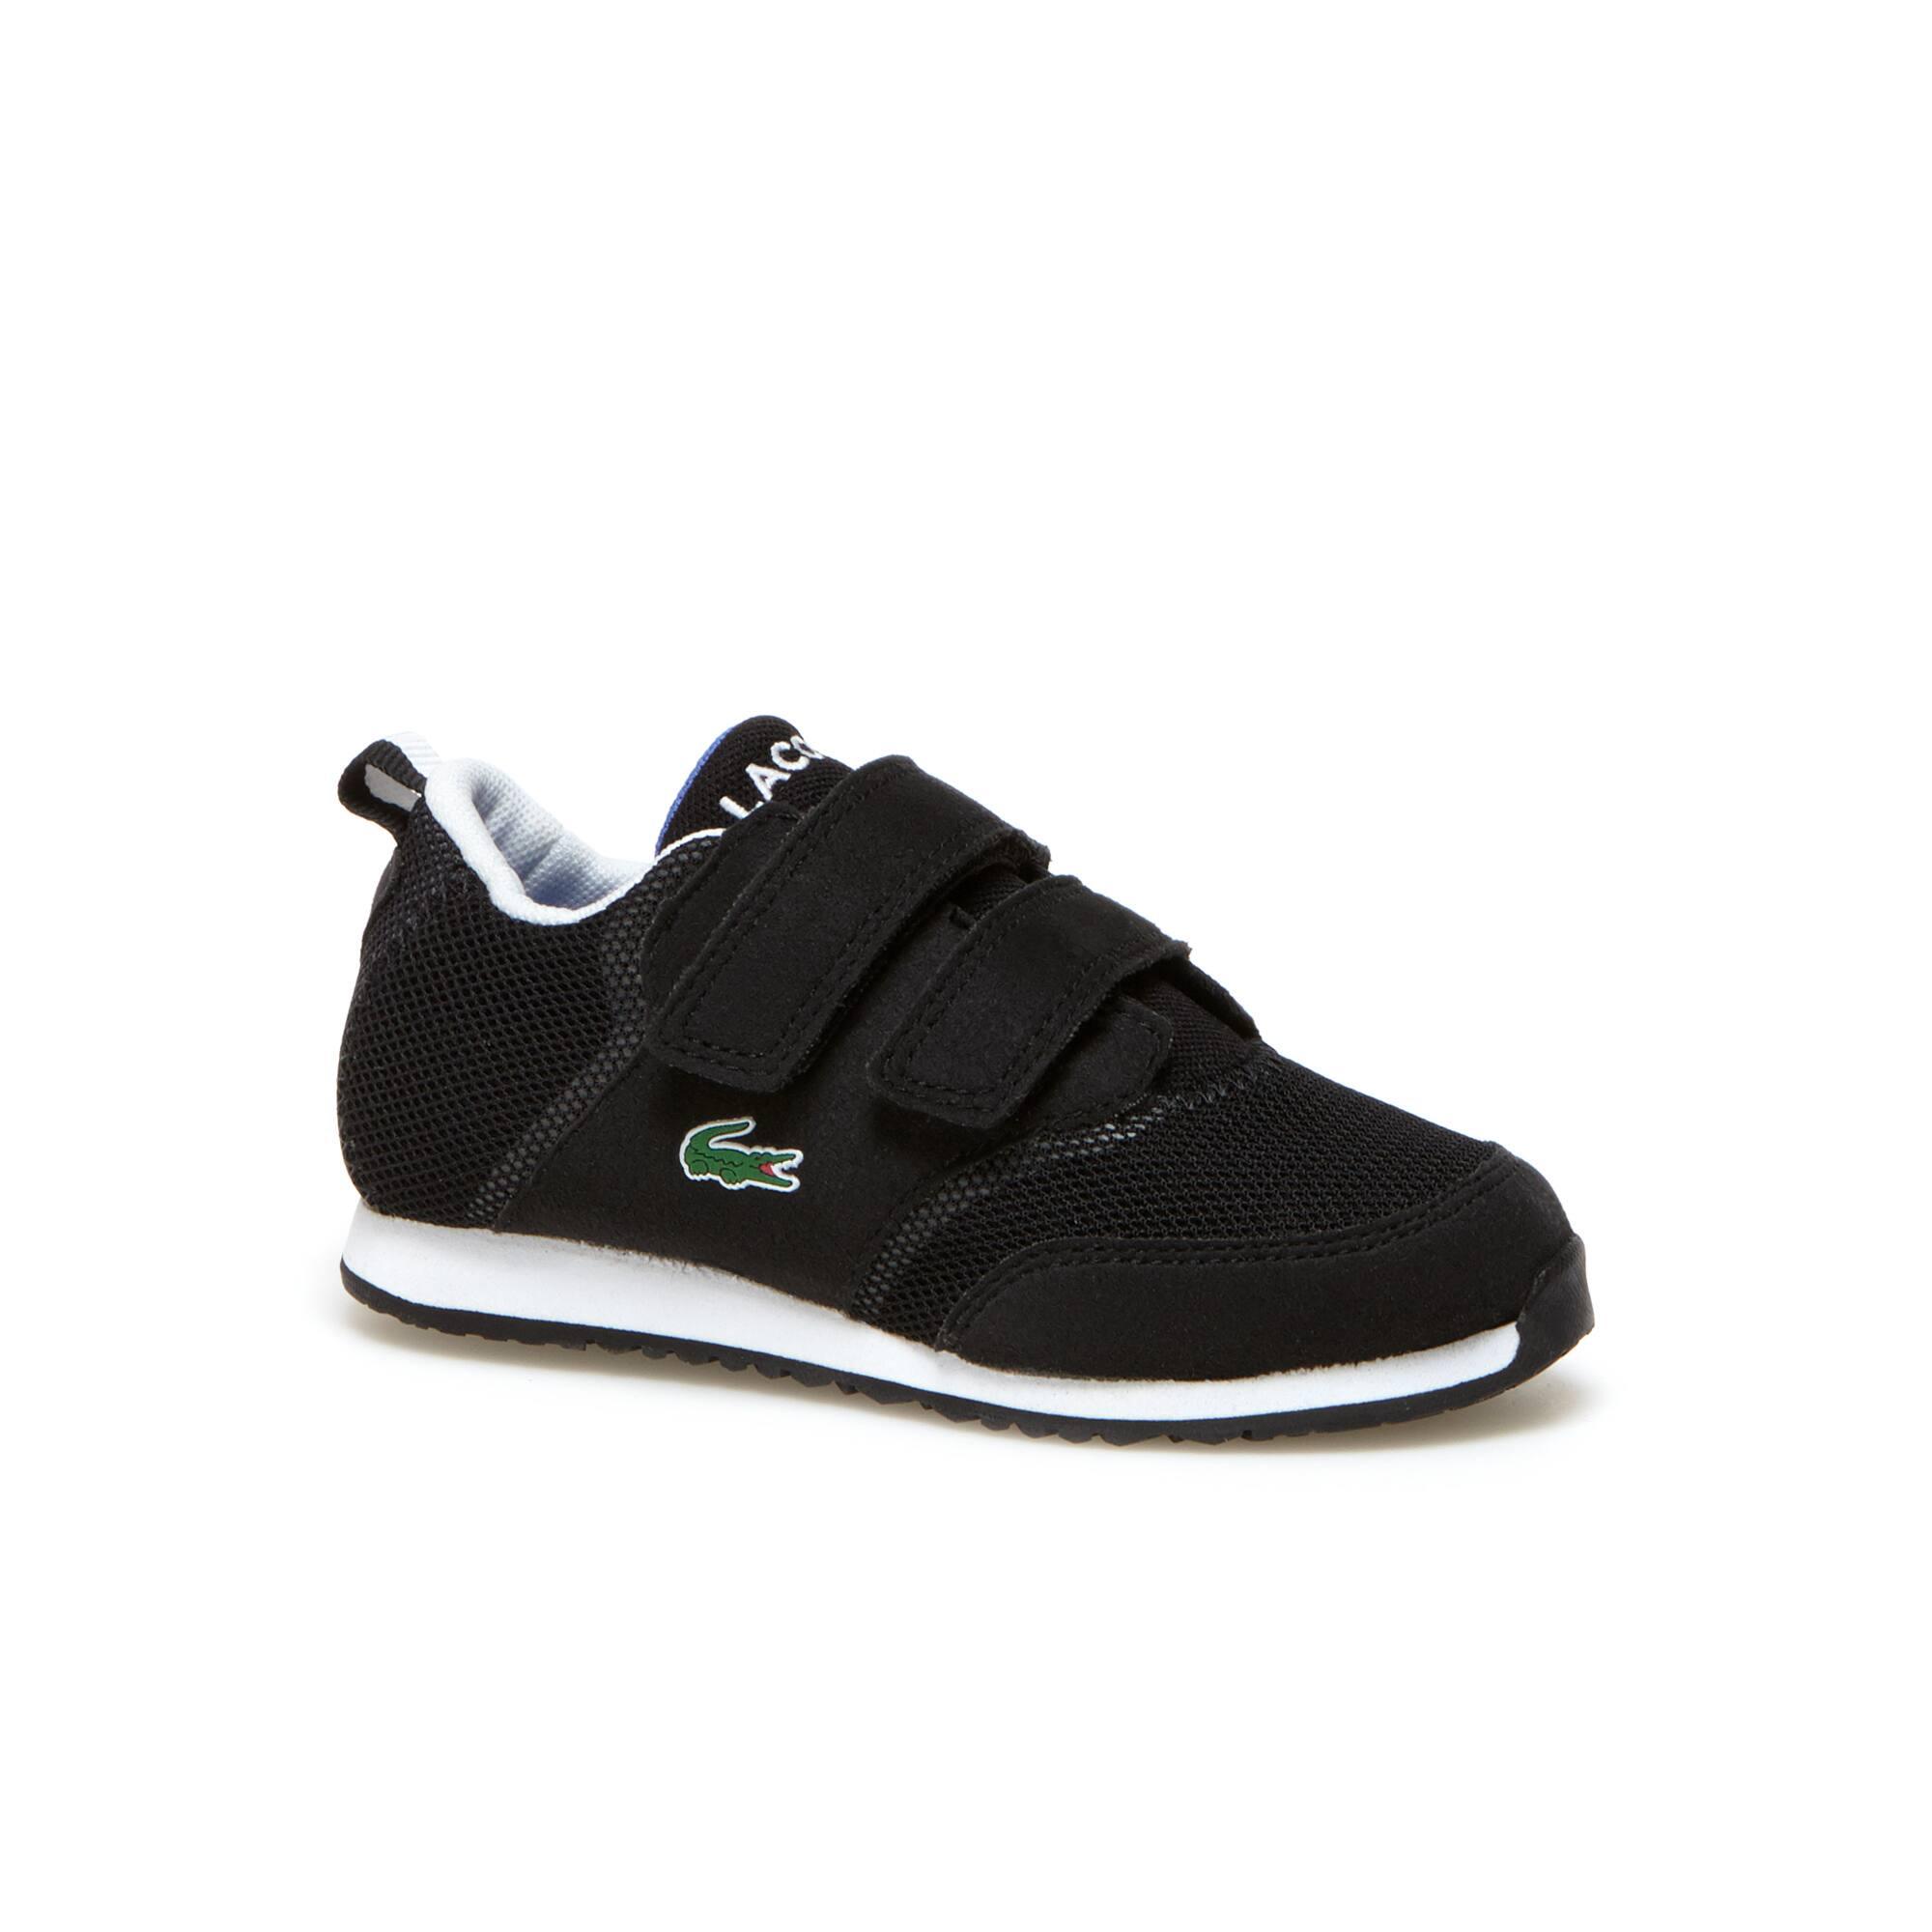 Sneakers Enfant L.IGHT en toile aérée à scratchs